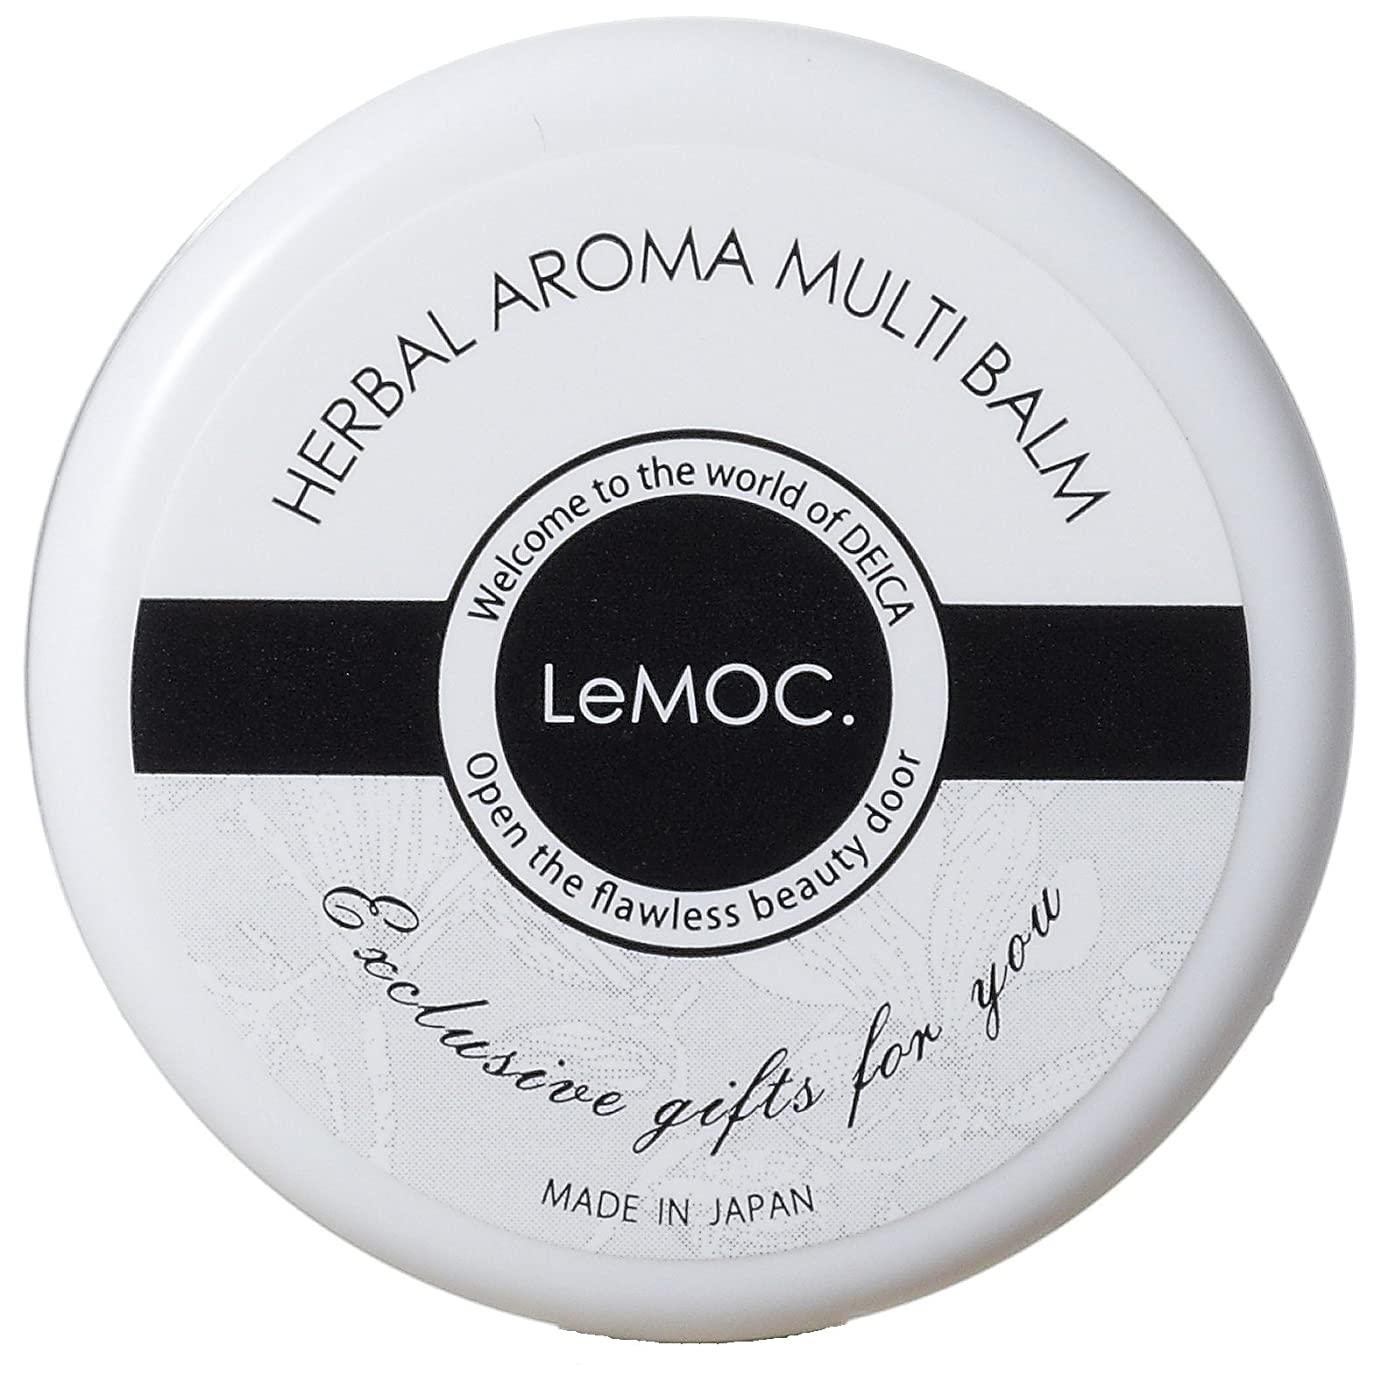 スープ羊の連想ルモック.(LeMOC.) ハーバルアロマ マルチバーム 15g(全身用保湿バーム)